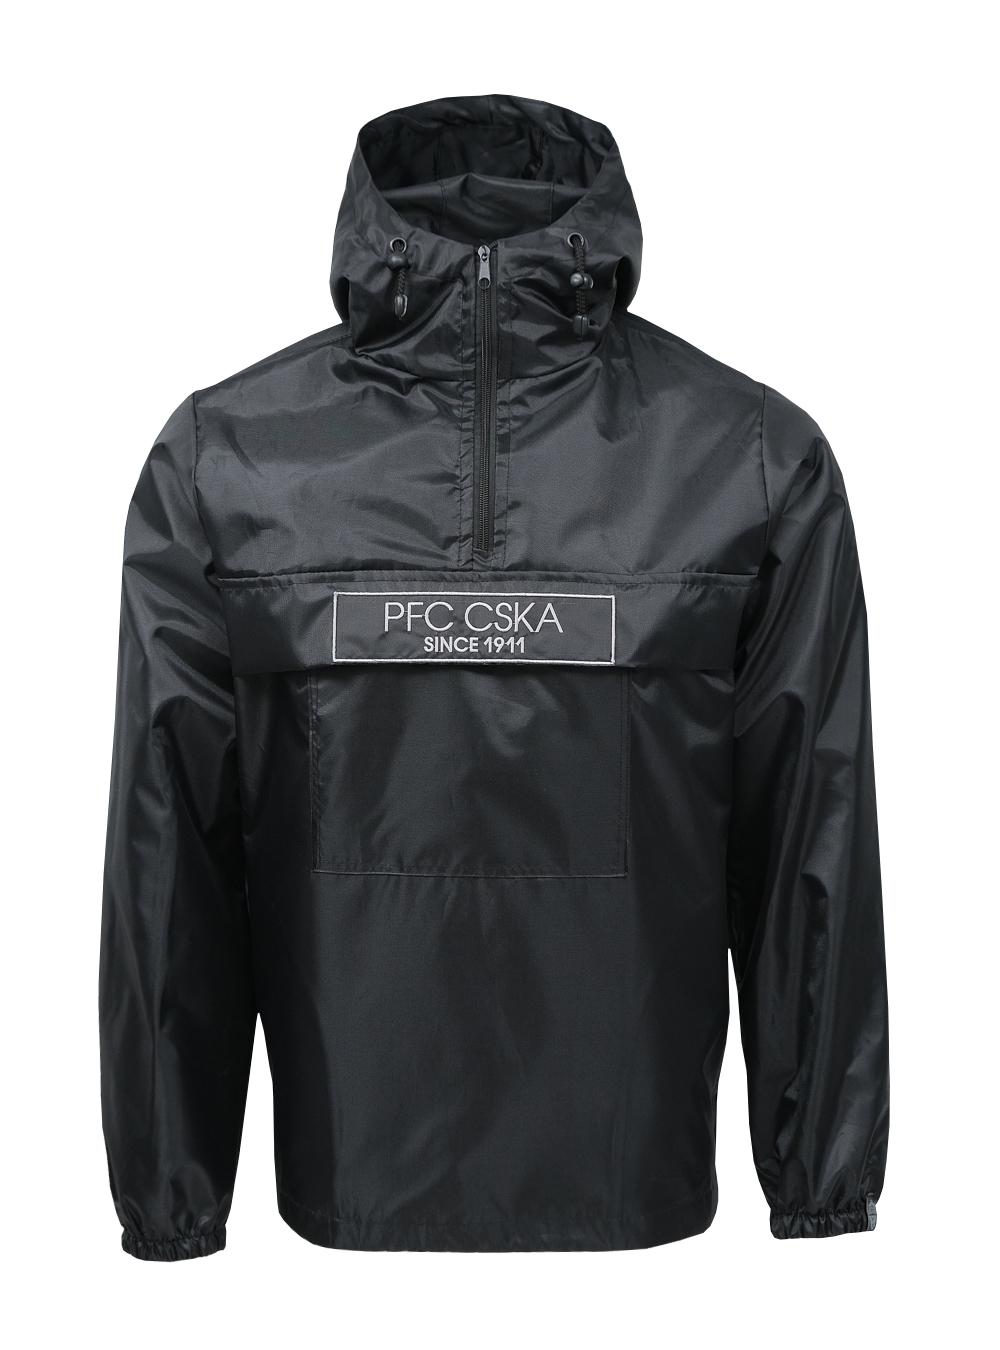 Анорак PFC CSKA, цвет чёрный (XXL)